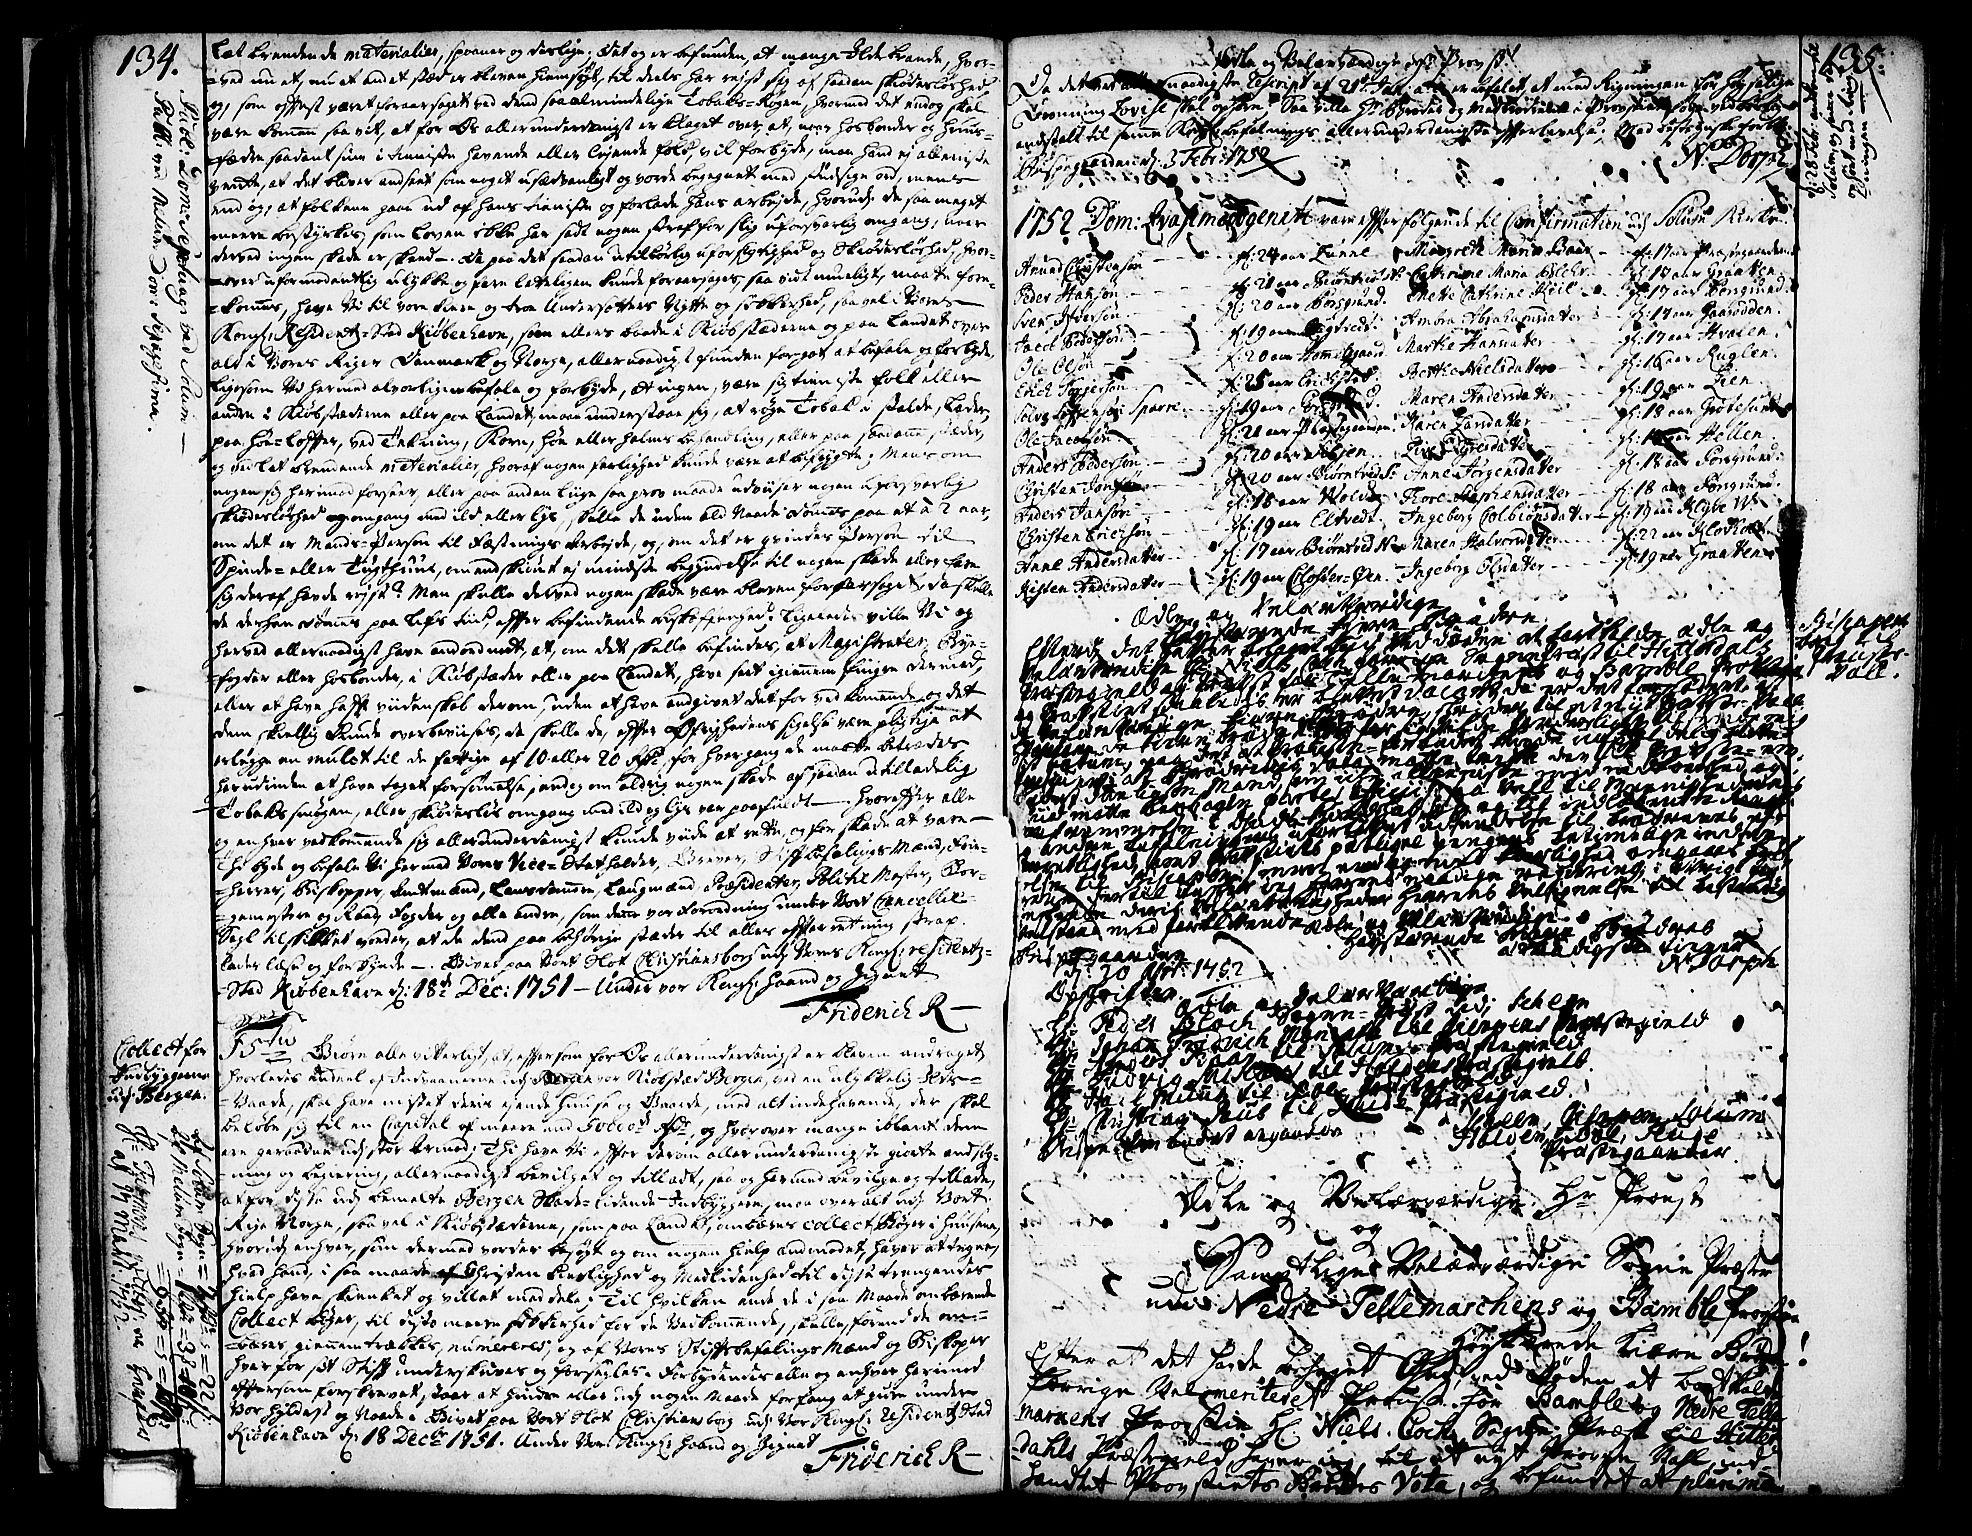 SAKO, Solum kirkebøker, Annen kirkebok nr. ?, 1743-1791, s. 134-135